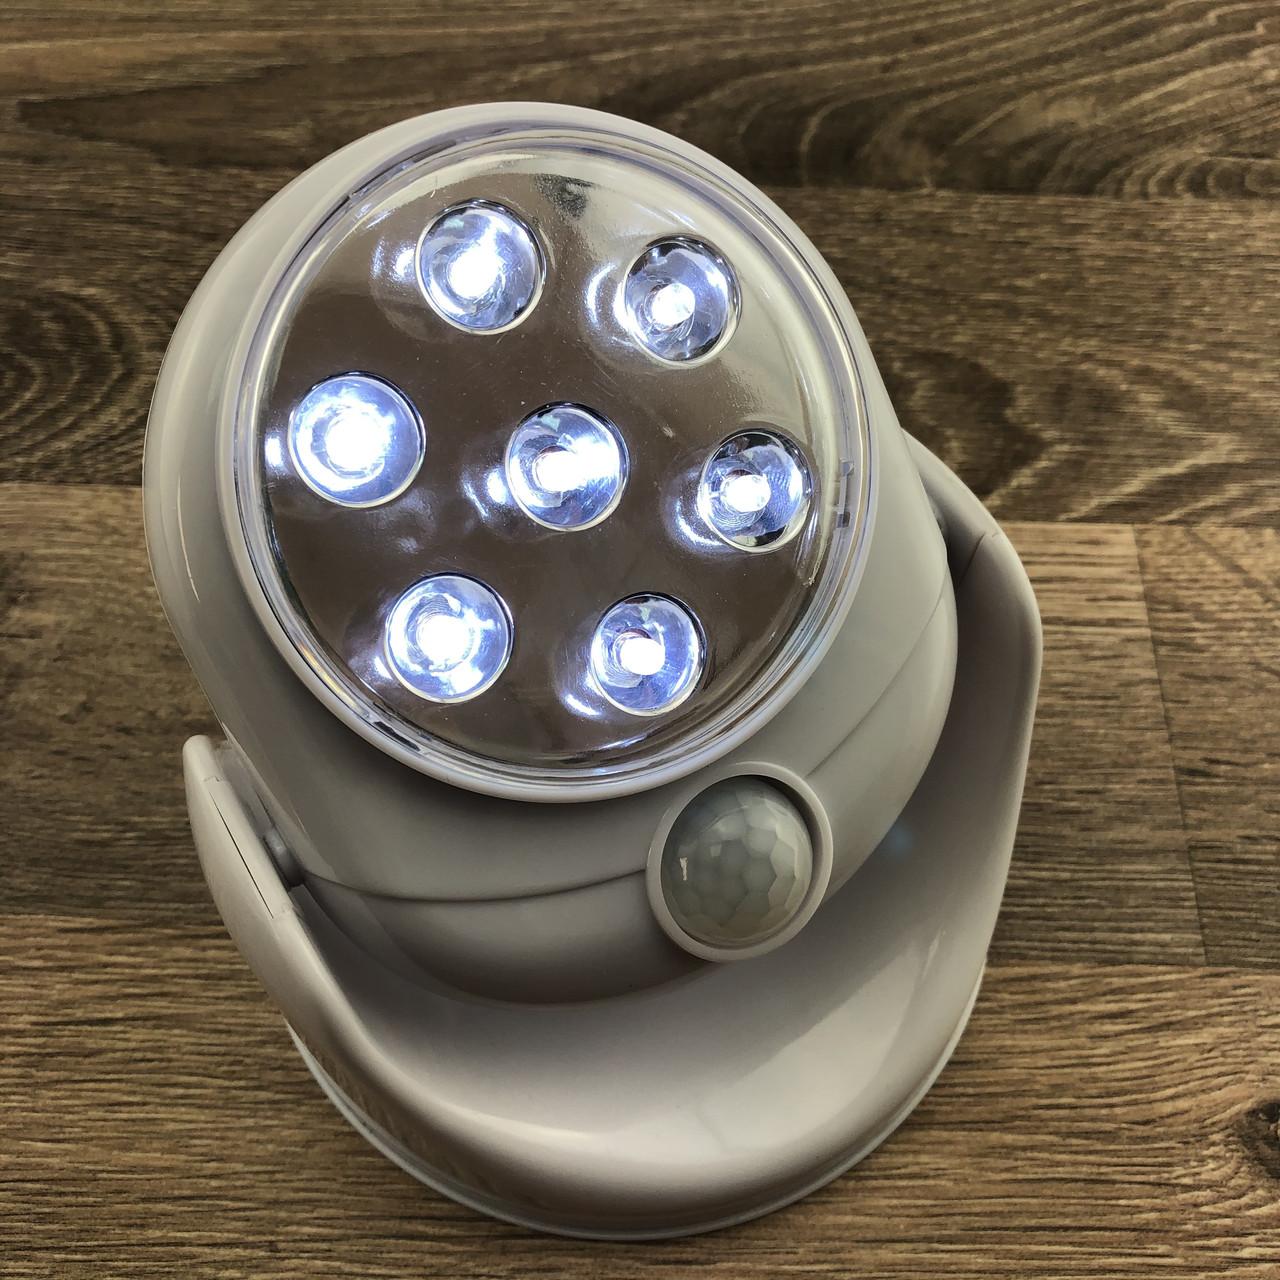 Світлодіодна лампа з датчиком руху light angel led світильник ліхтар освітлення вулична і для дому